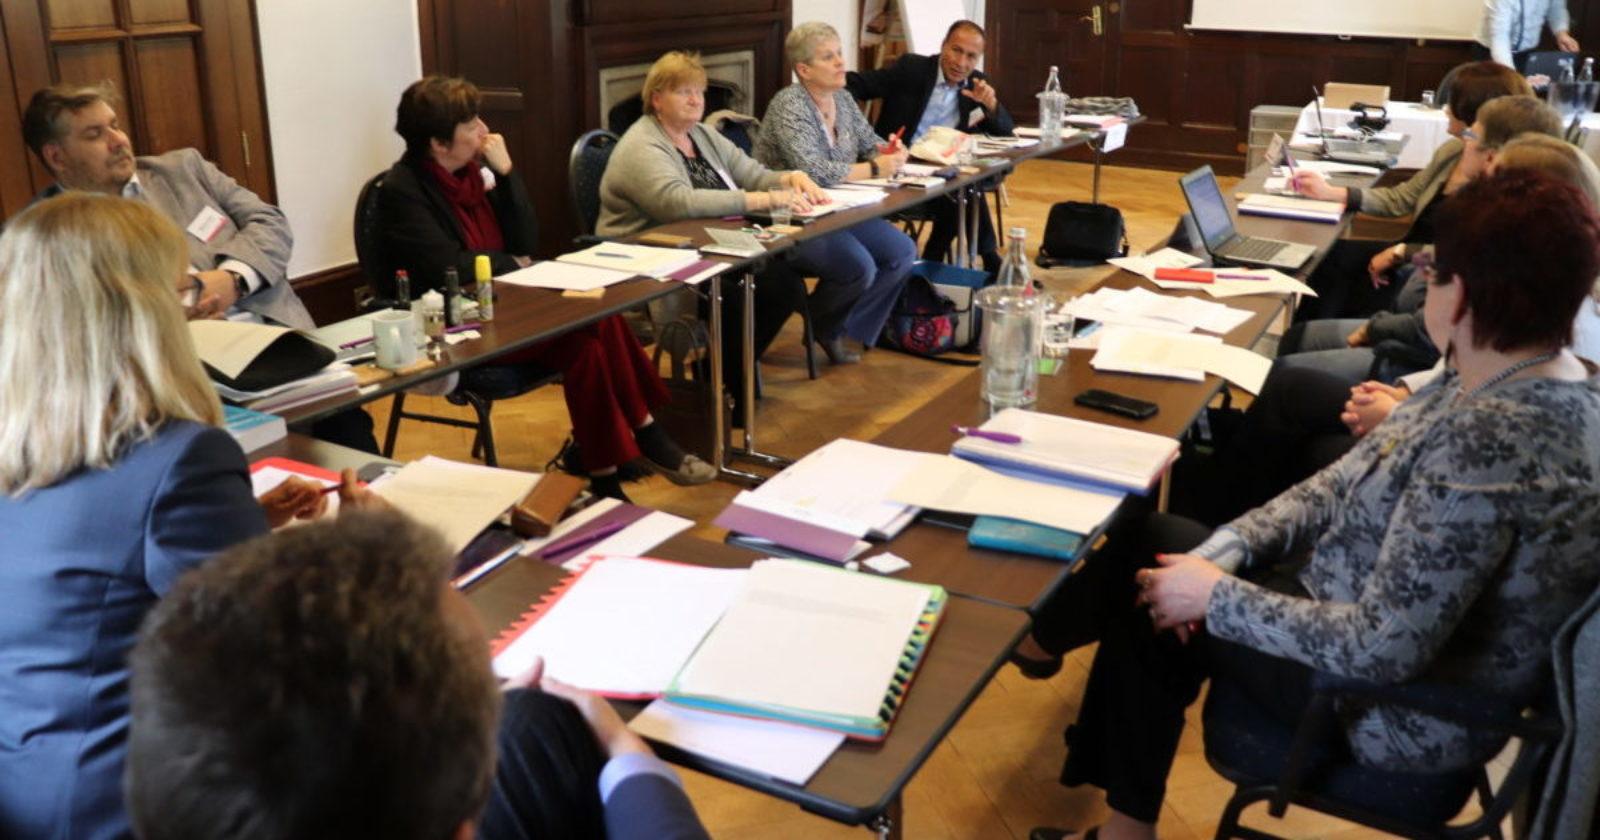 +++ Tarif-Ticker +++ IG BAU Tarifkommission berät sich in Verhandlungspause +++